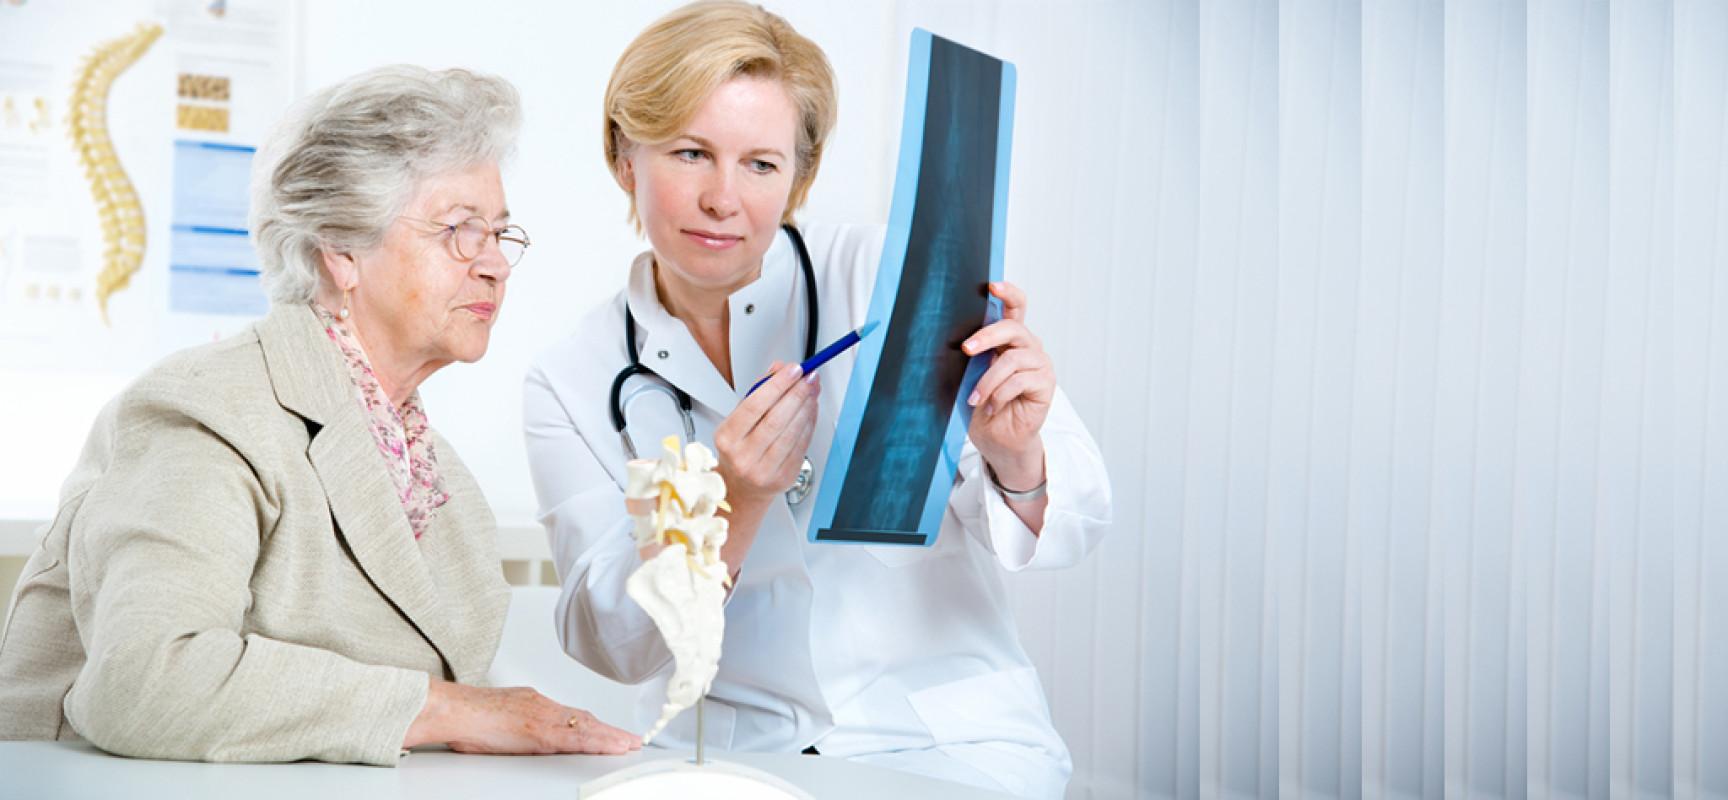 Остеоартроз и остеопороз как проблема пожилого человека